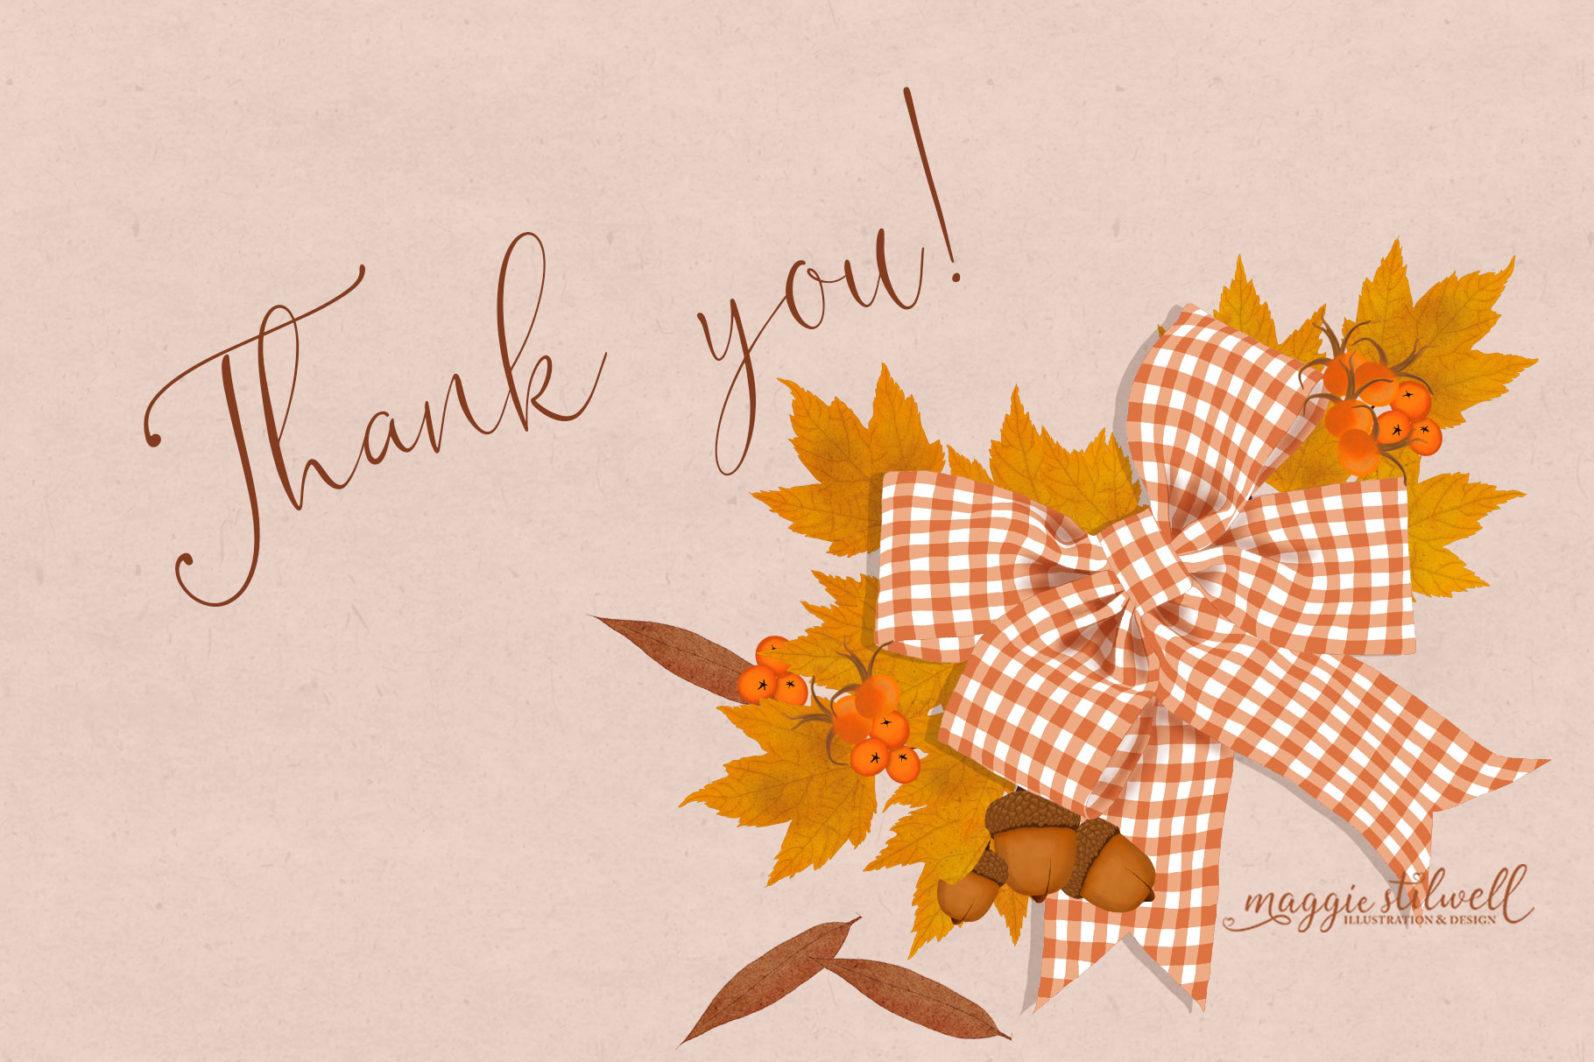 Autumn Wreaths - autumn wreaths page thankyou -